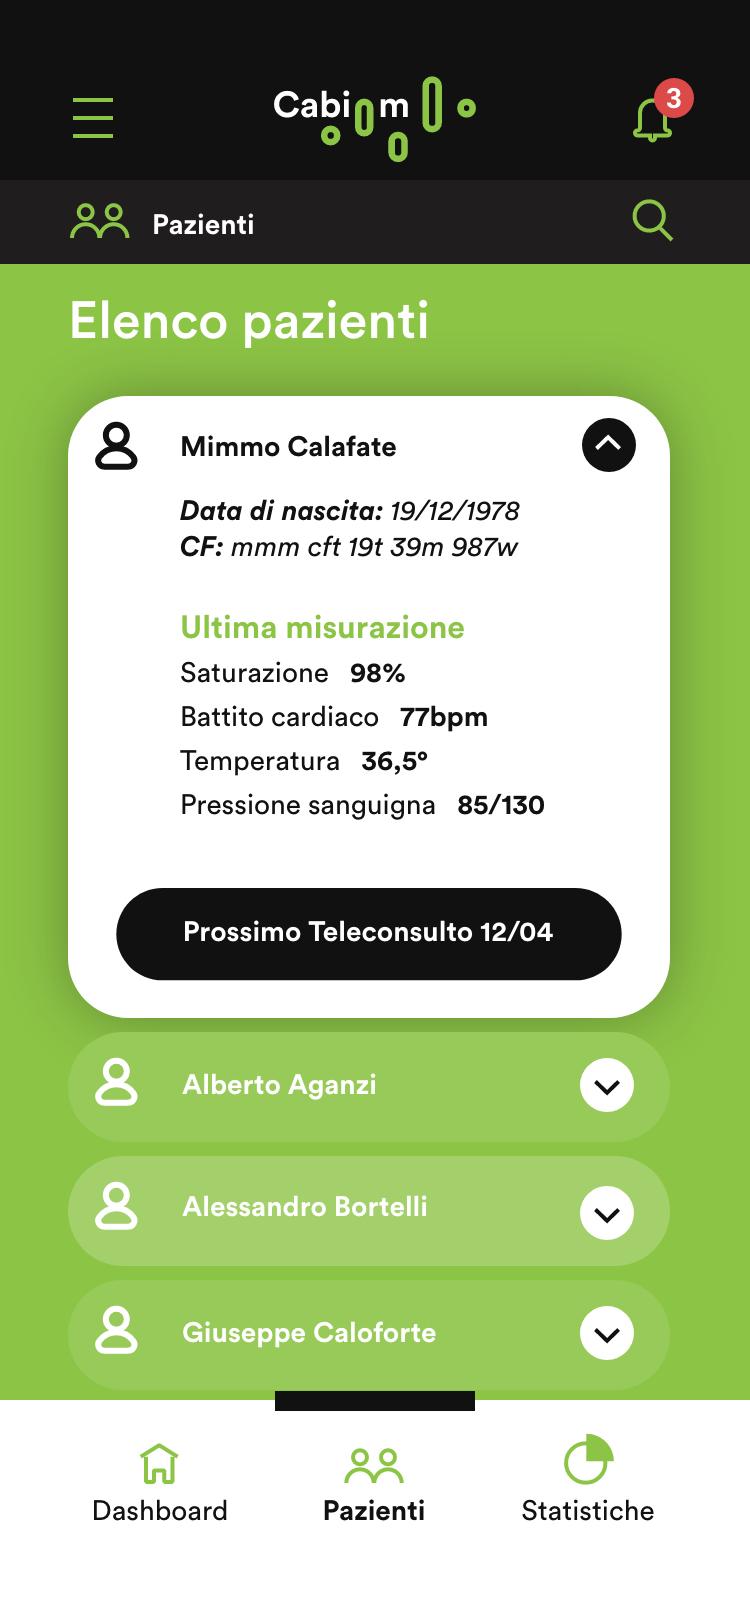 Dotit-Cabiom-Mobile5